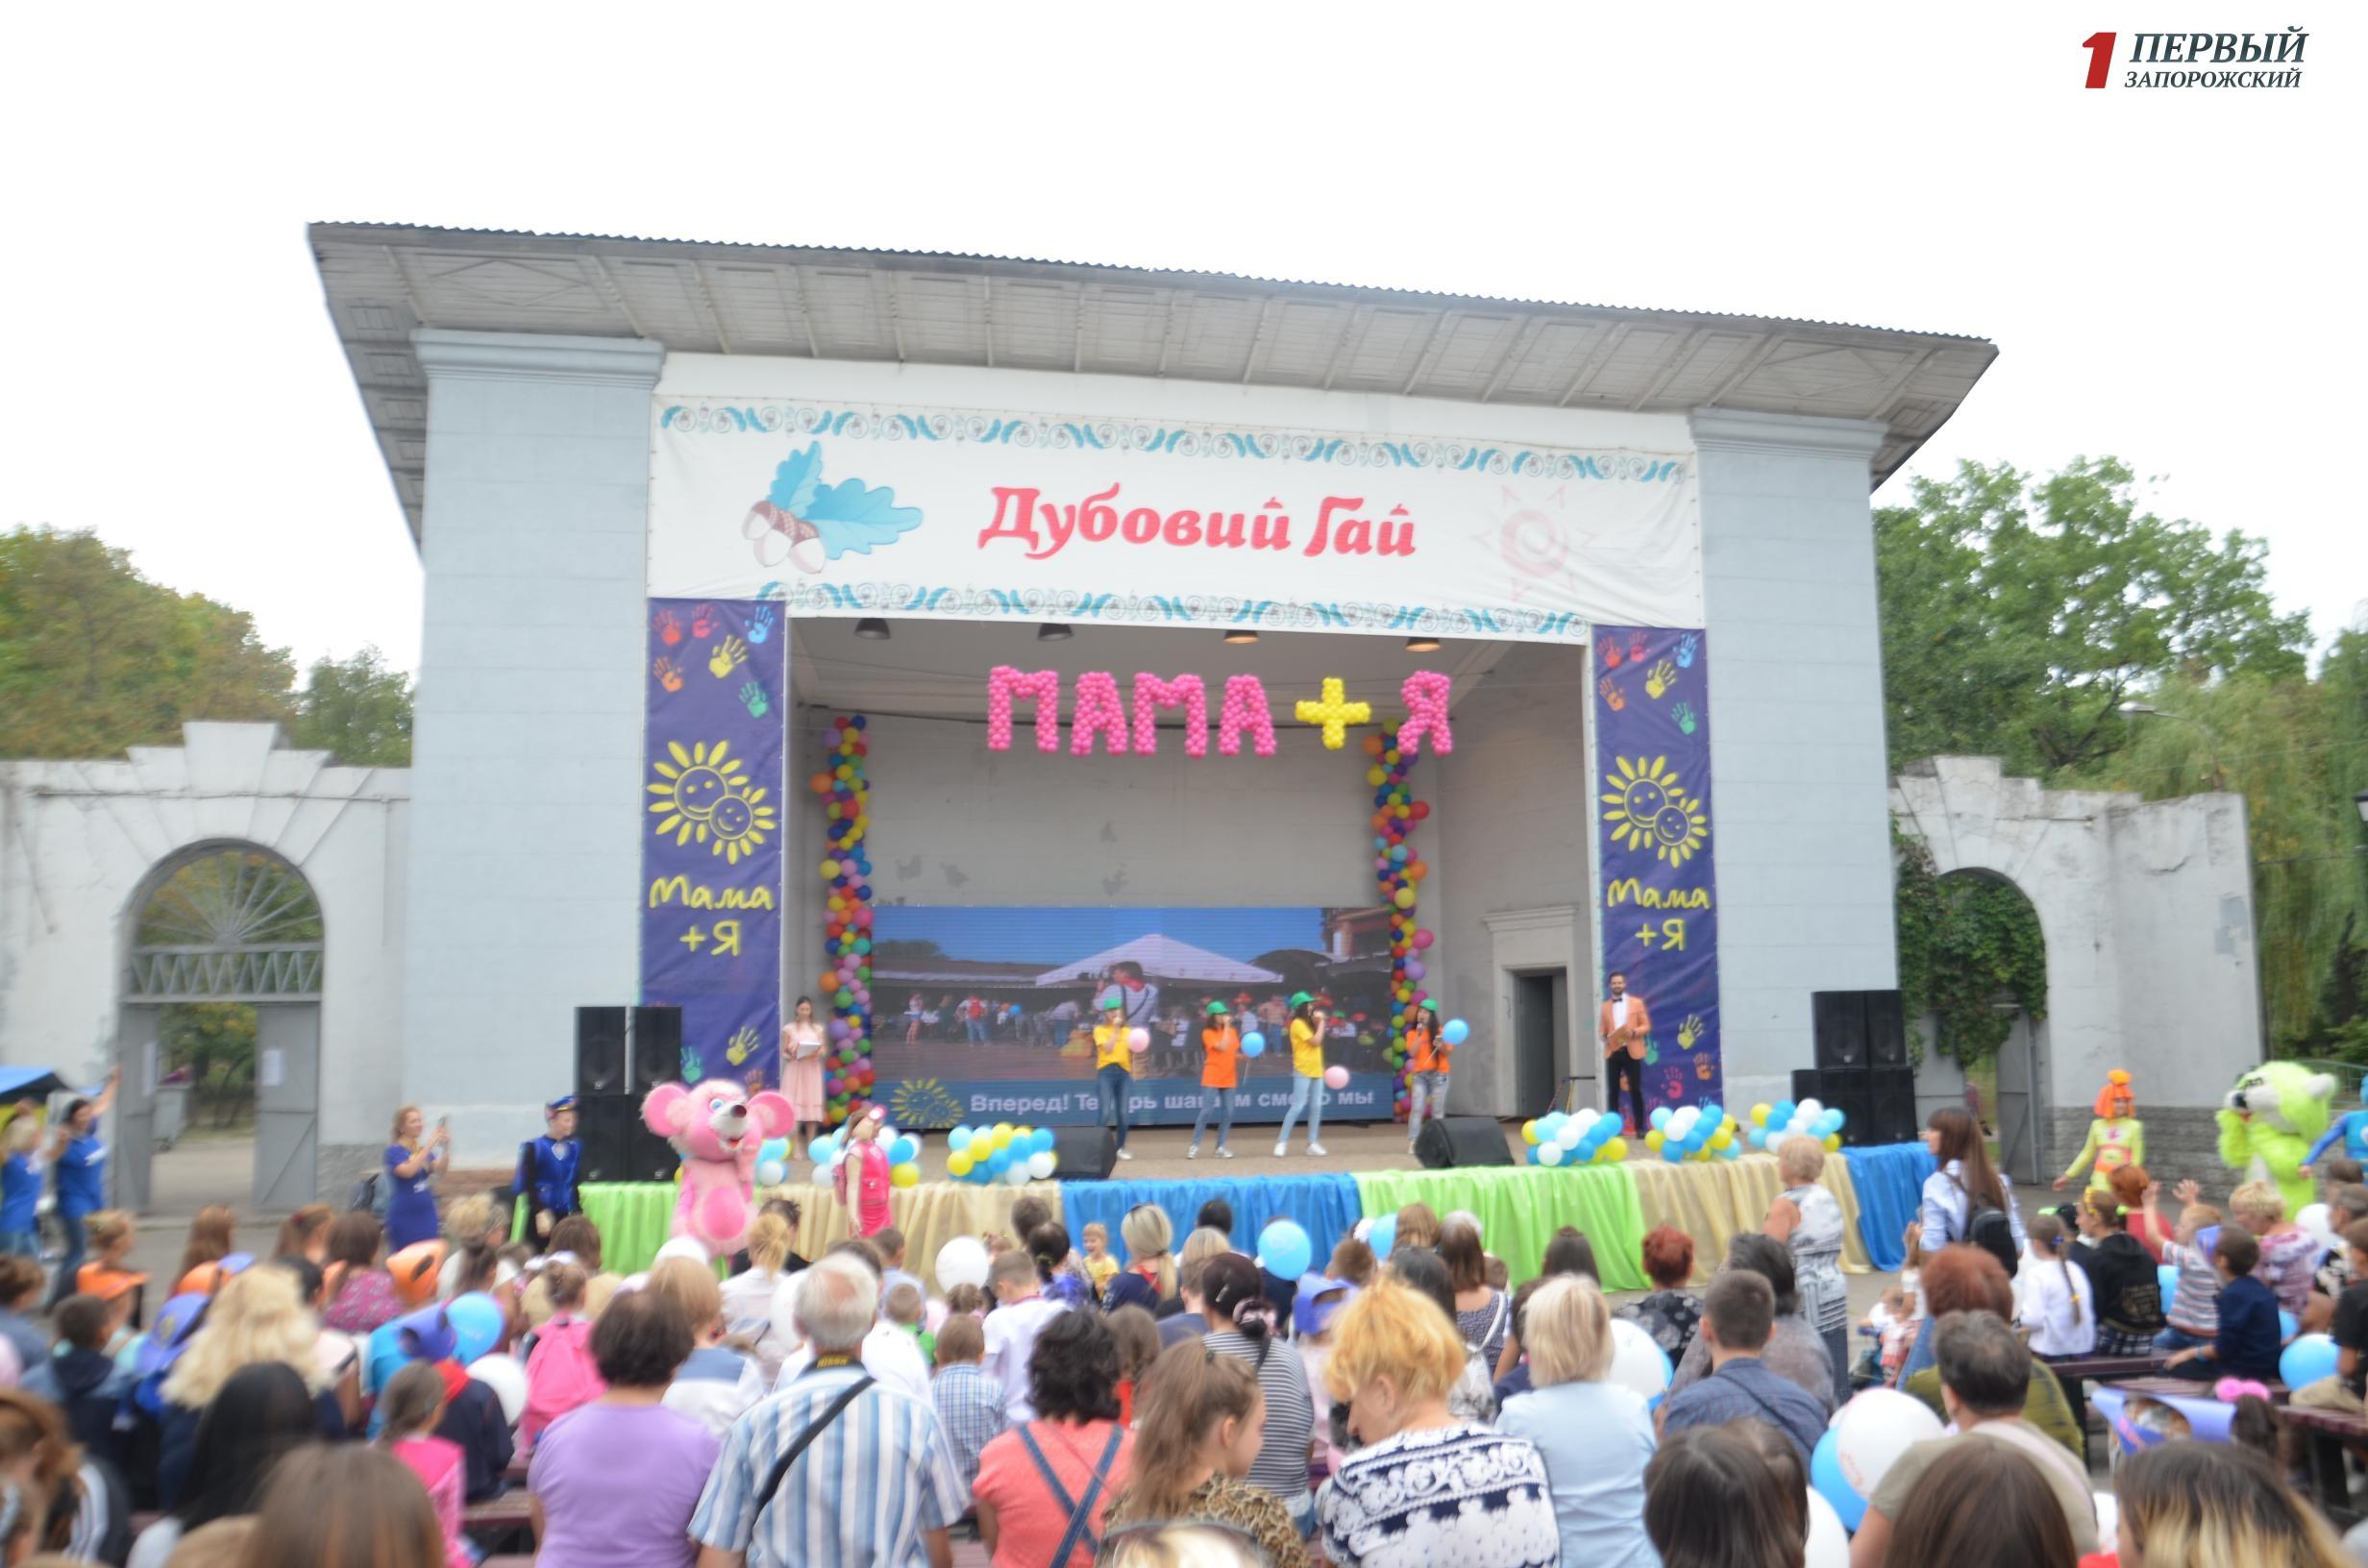 Мастер-классы, спортивные соревнования, конкурс талантов и подарки: как в Запорожье прошел фестиваль «Мама + Я» - ФОТО, ВИДЕО